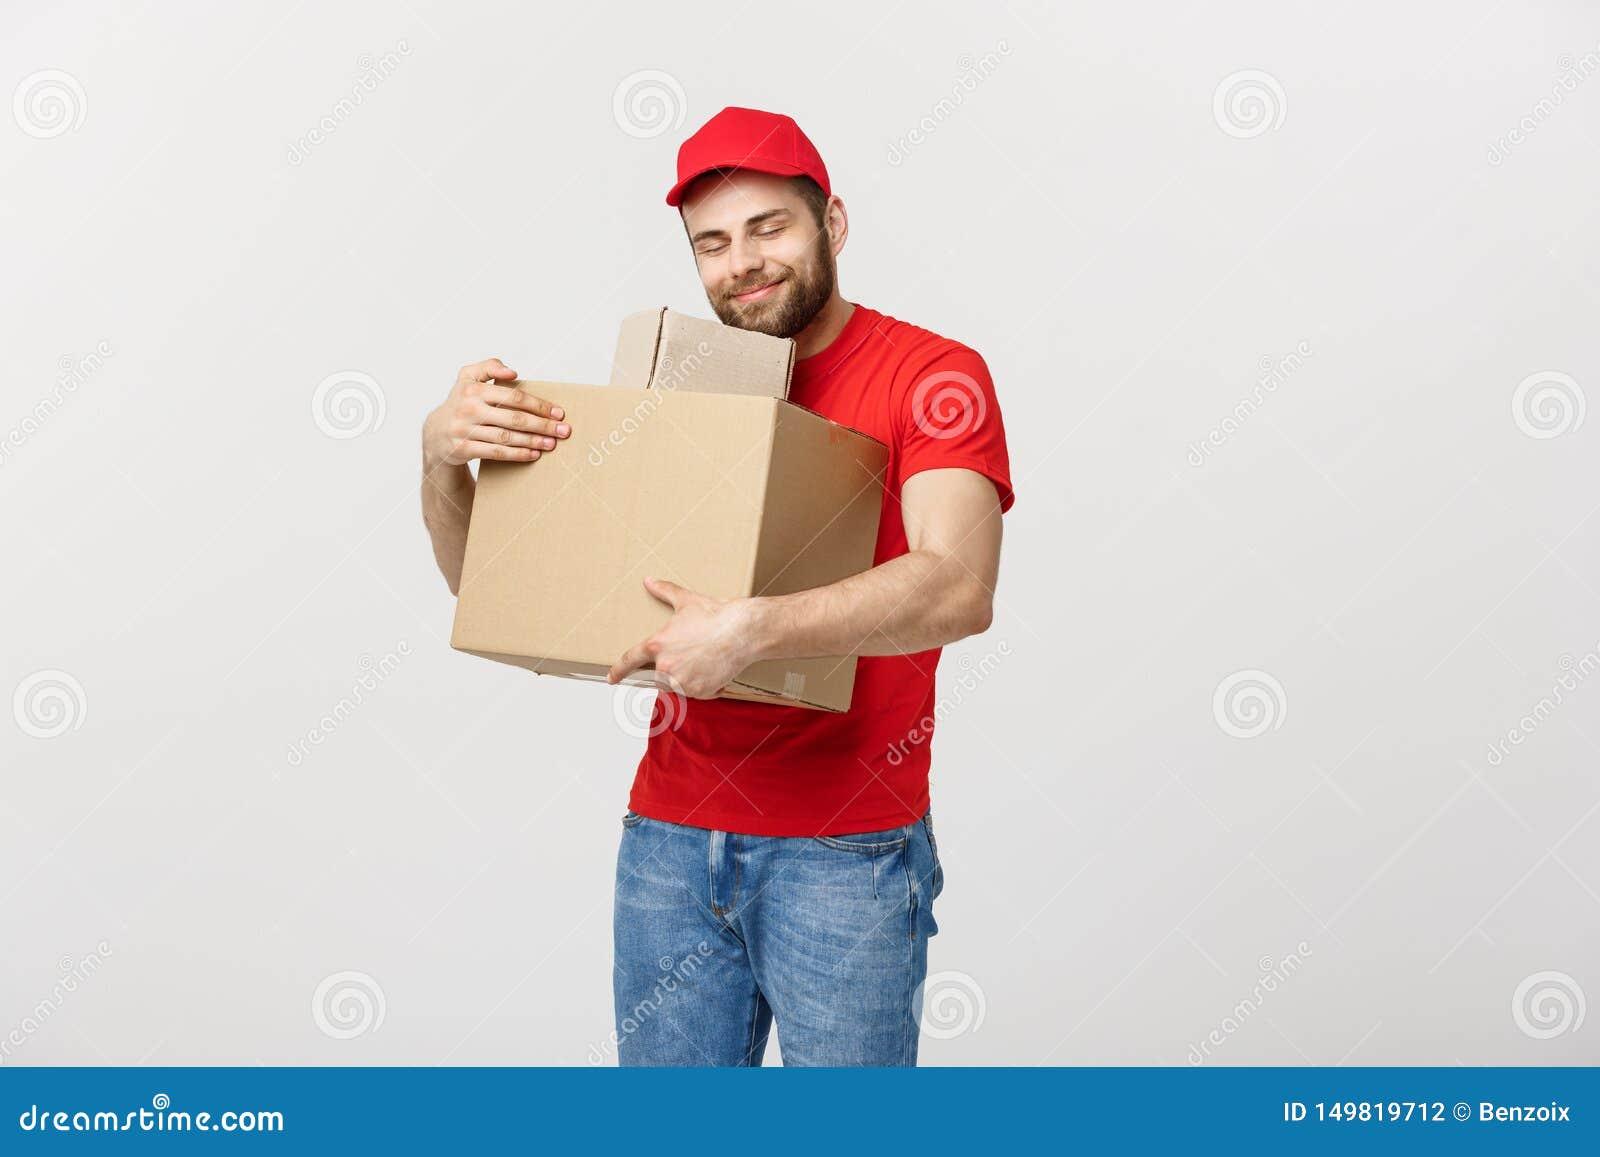 Fattorino del ritratto in cappuccio con funzionamento rosso della maglietta come il corriere o commerciante che tiene due scatole